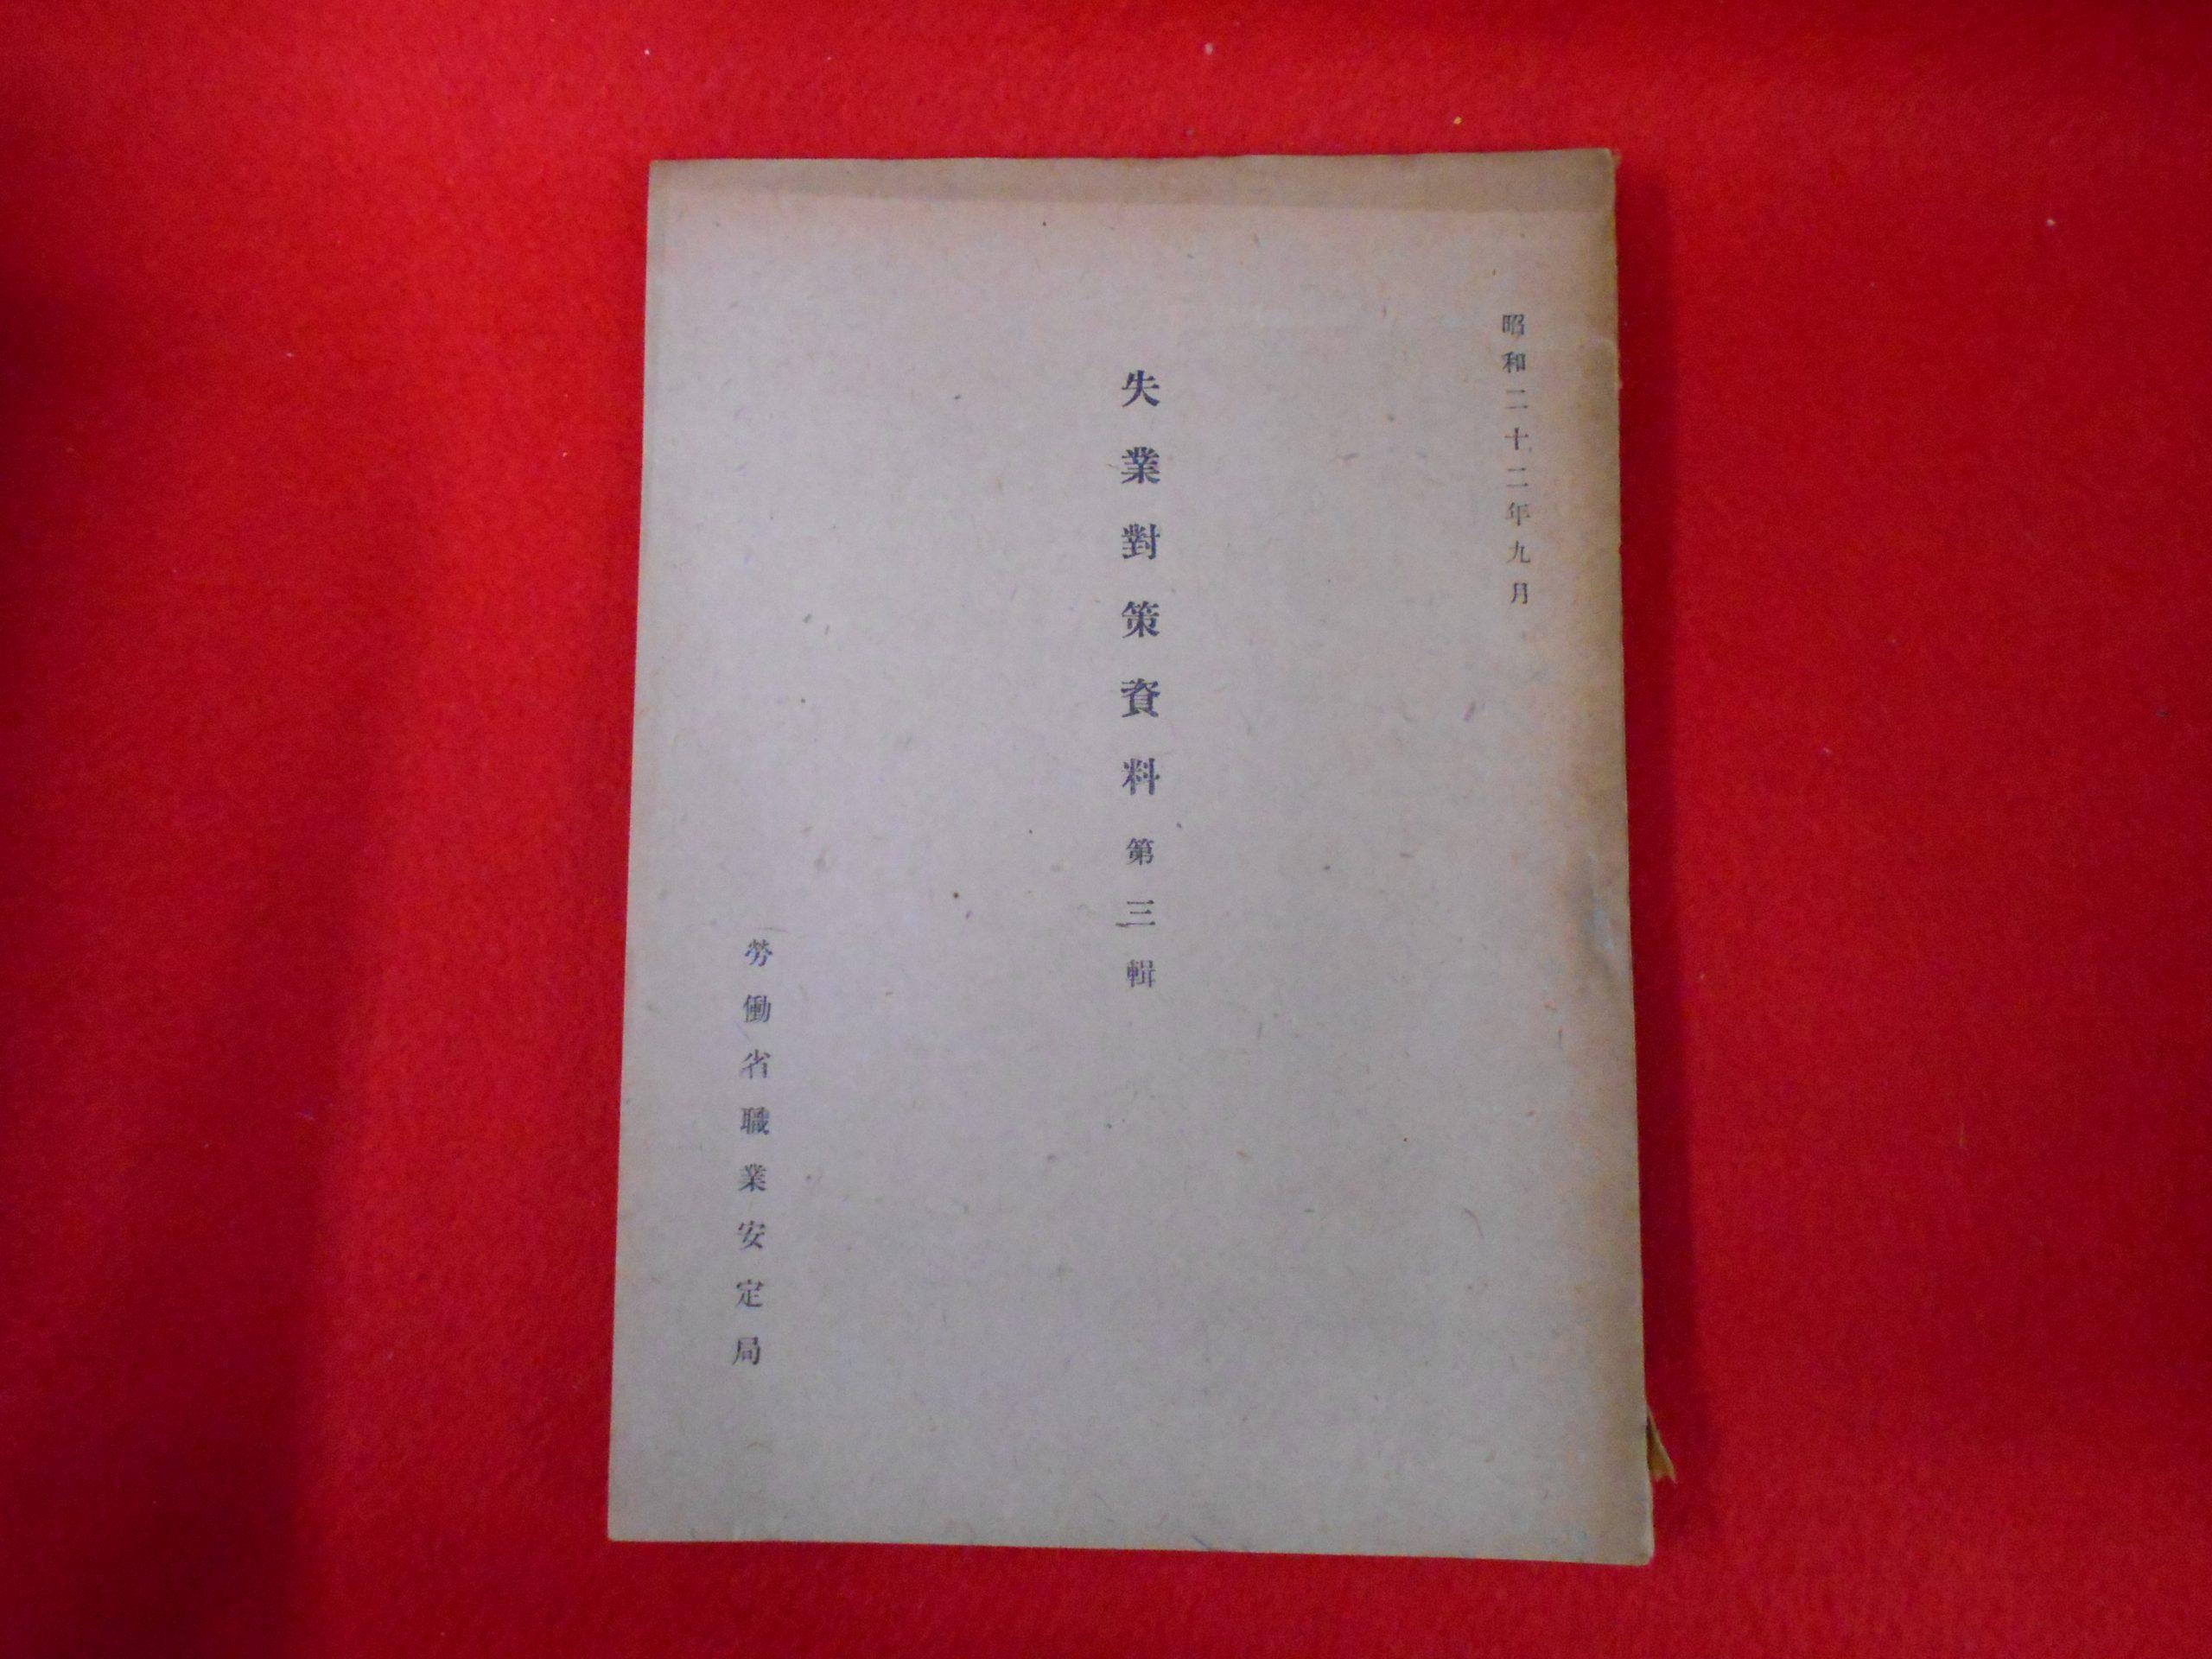 戦後の【失業對策資料】資料の買取は小川書店へ!の画像